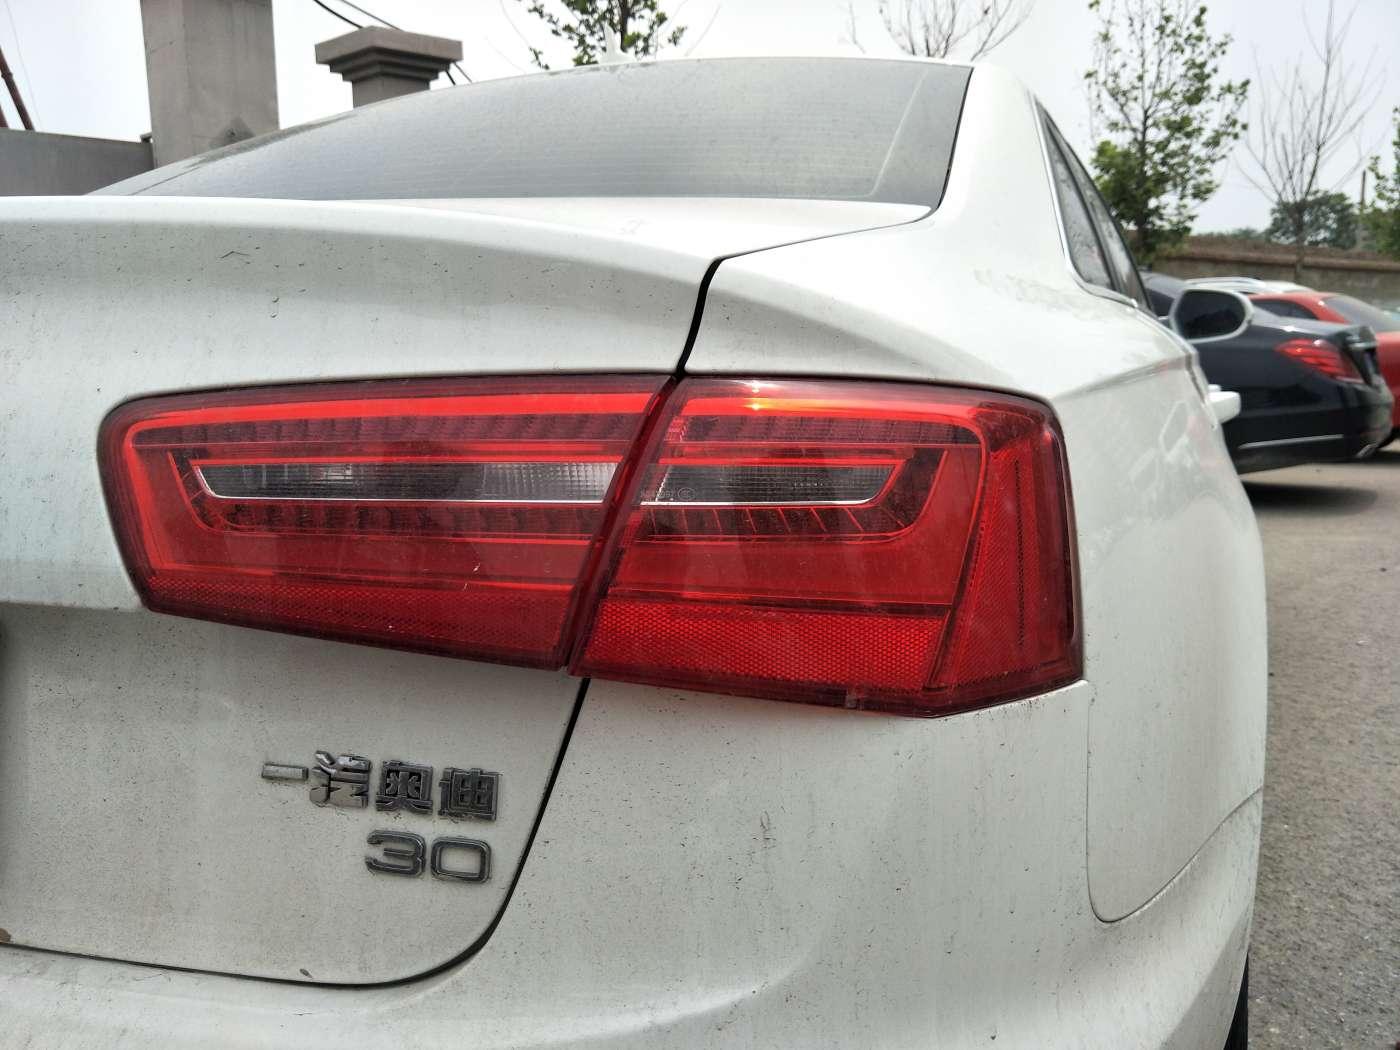 2013年12月 奥迪A6L 2014款 TFSI 标准型|甄选奥迪-北京卡斯基汽车服务有限公司